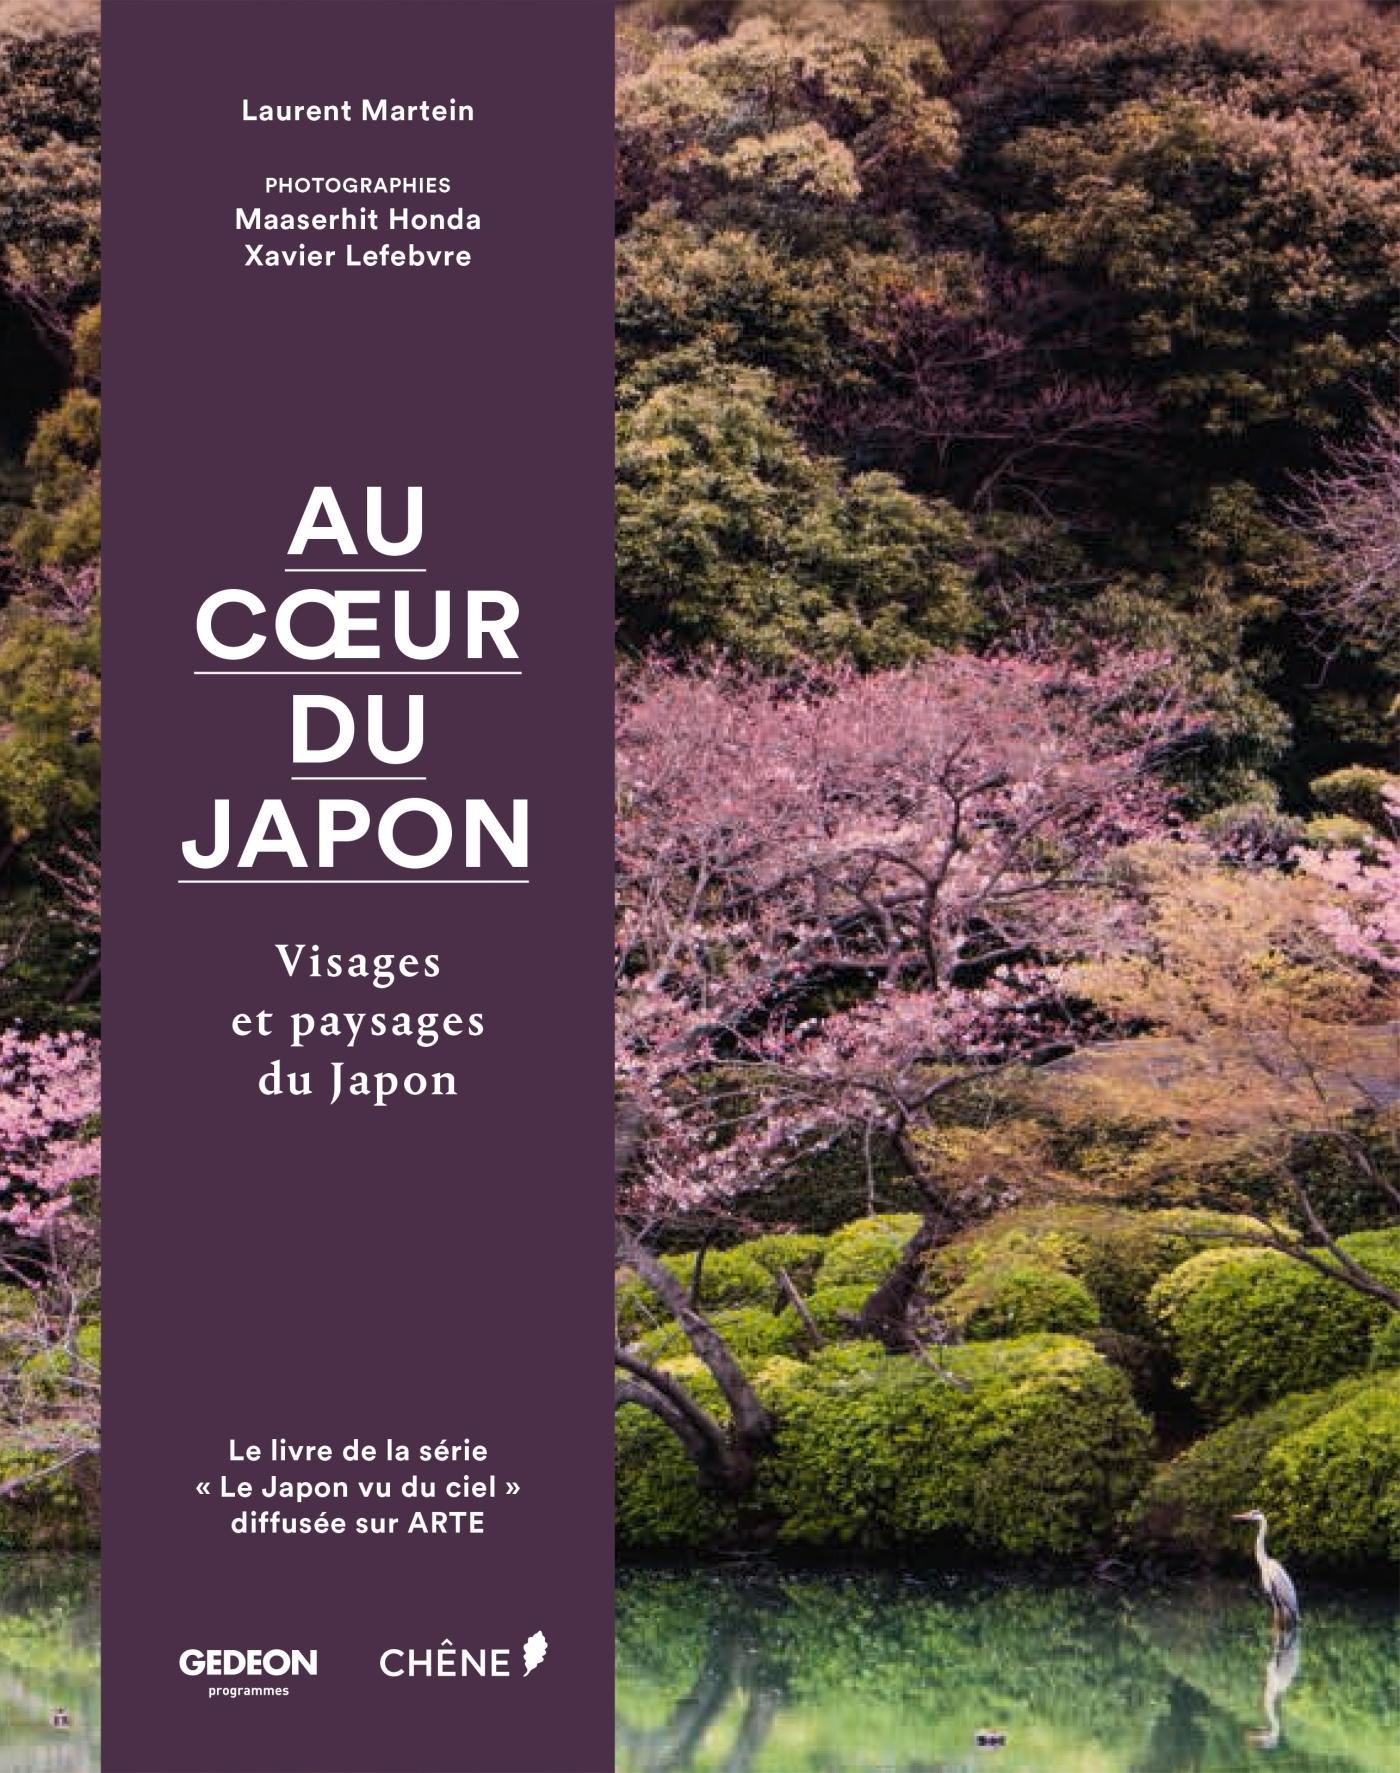 AU COEUR DU JAPON - VISAGES ET PAYSAGES DU JAPON